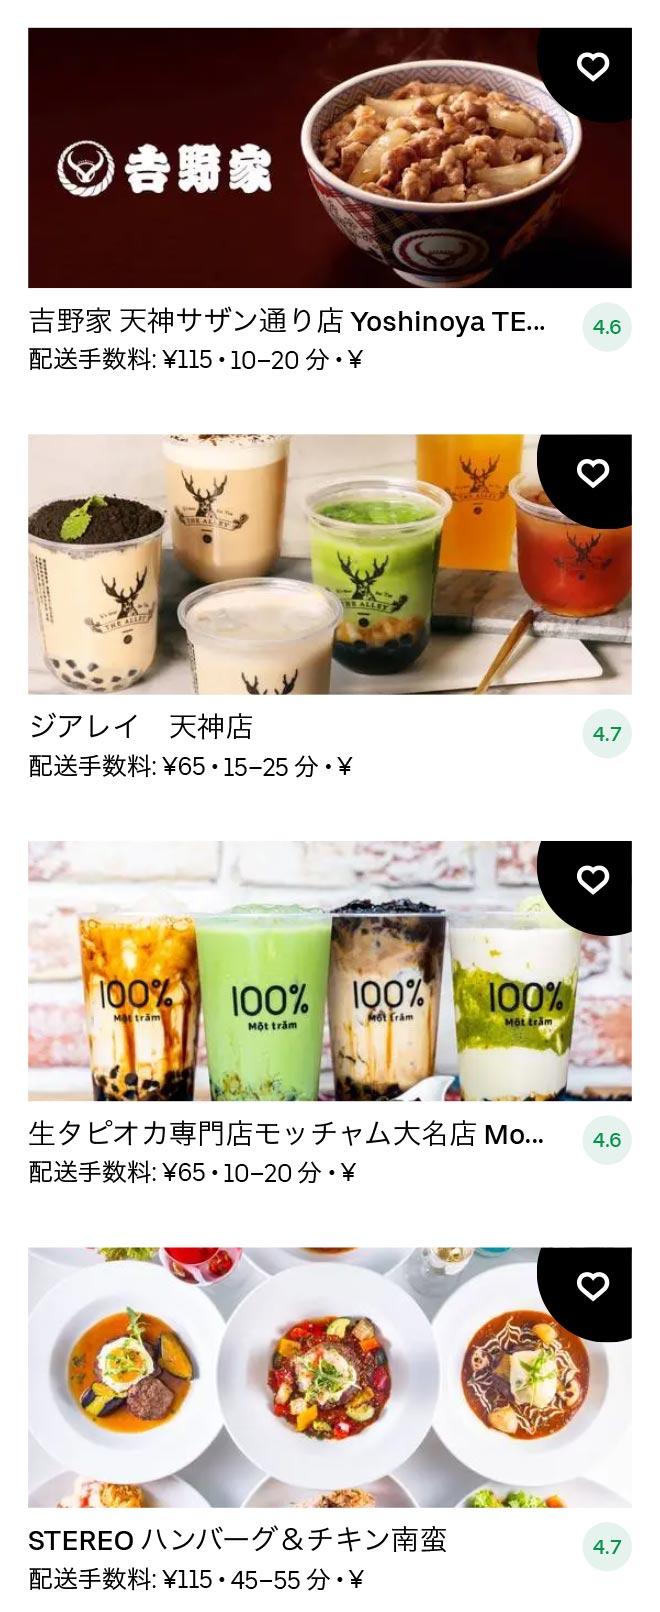 Akasaka menu 2101 05